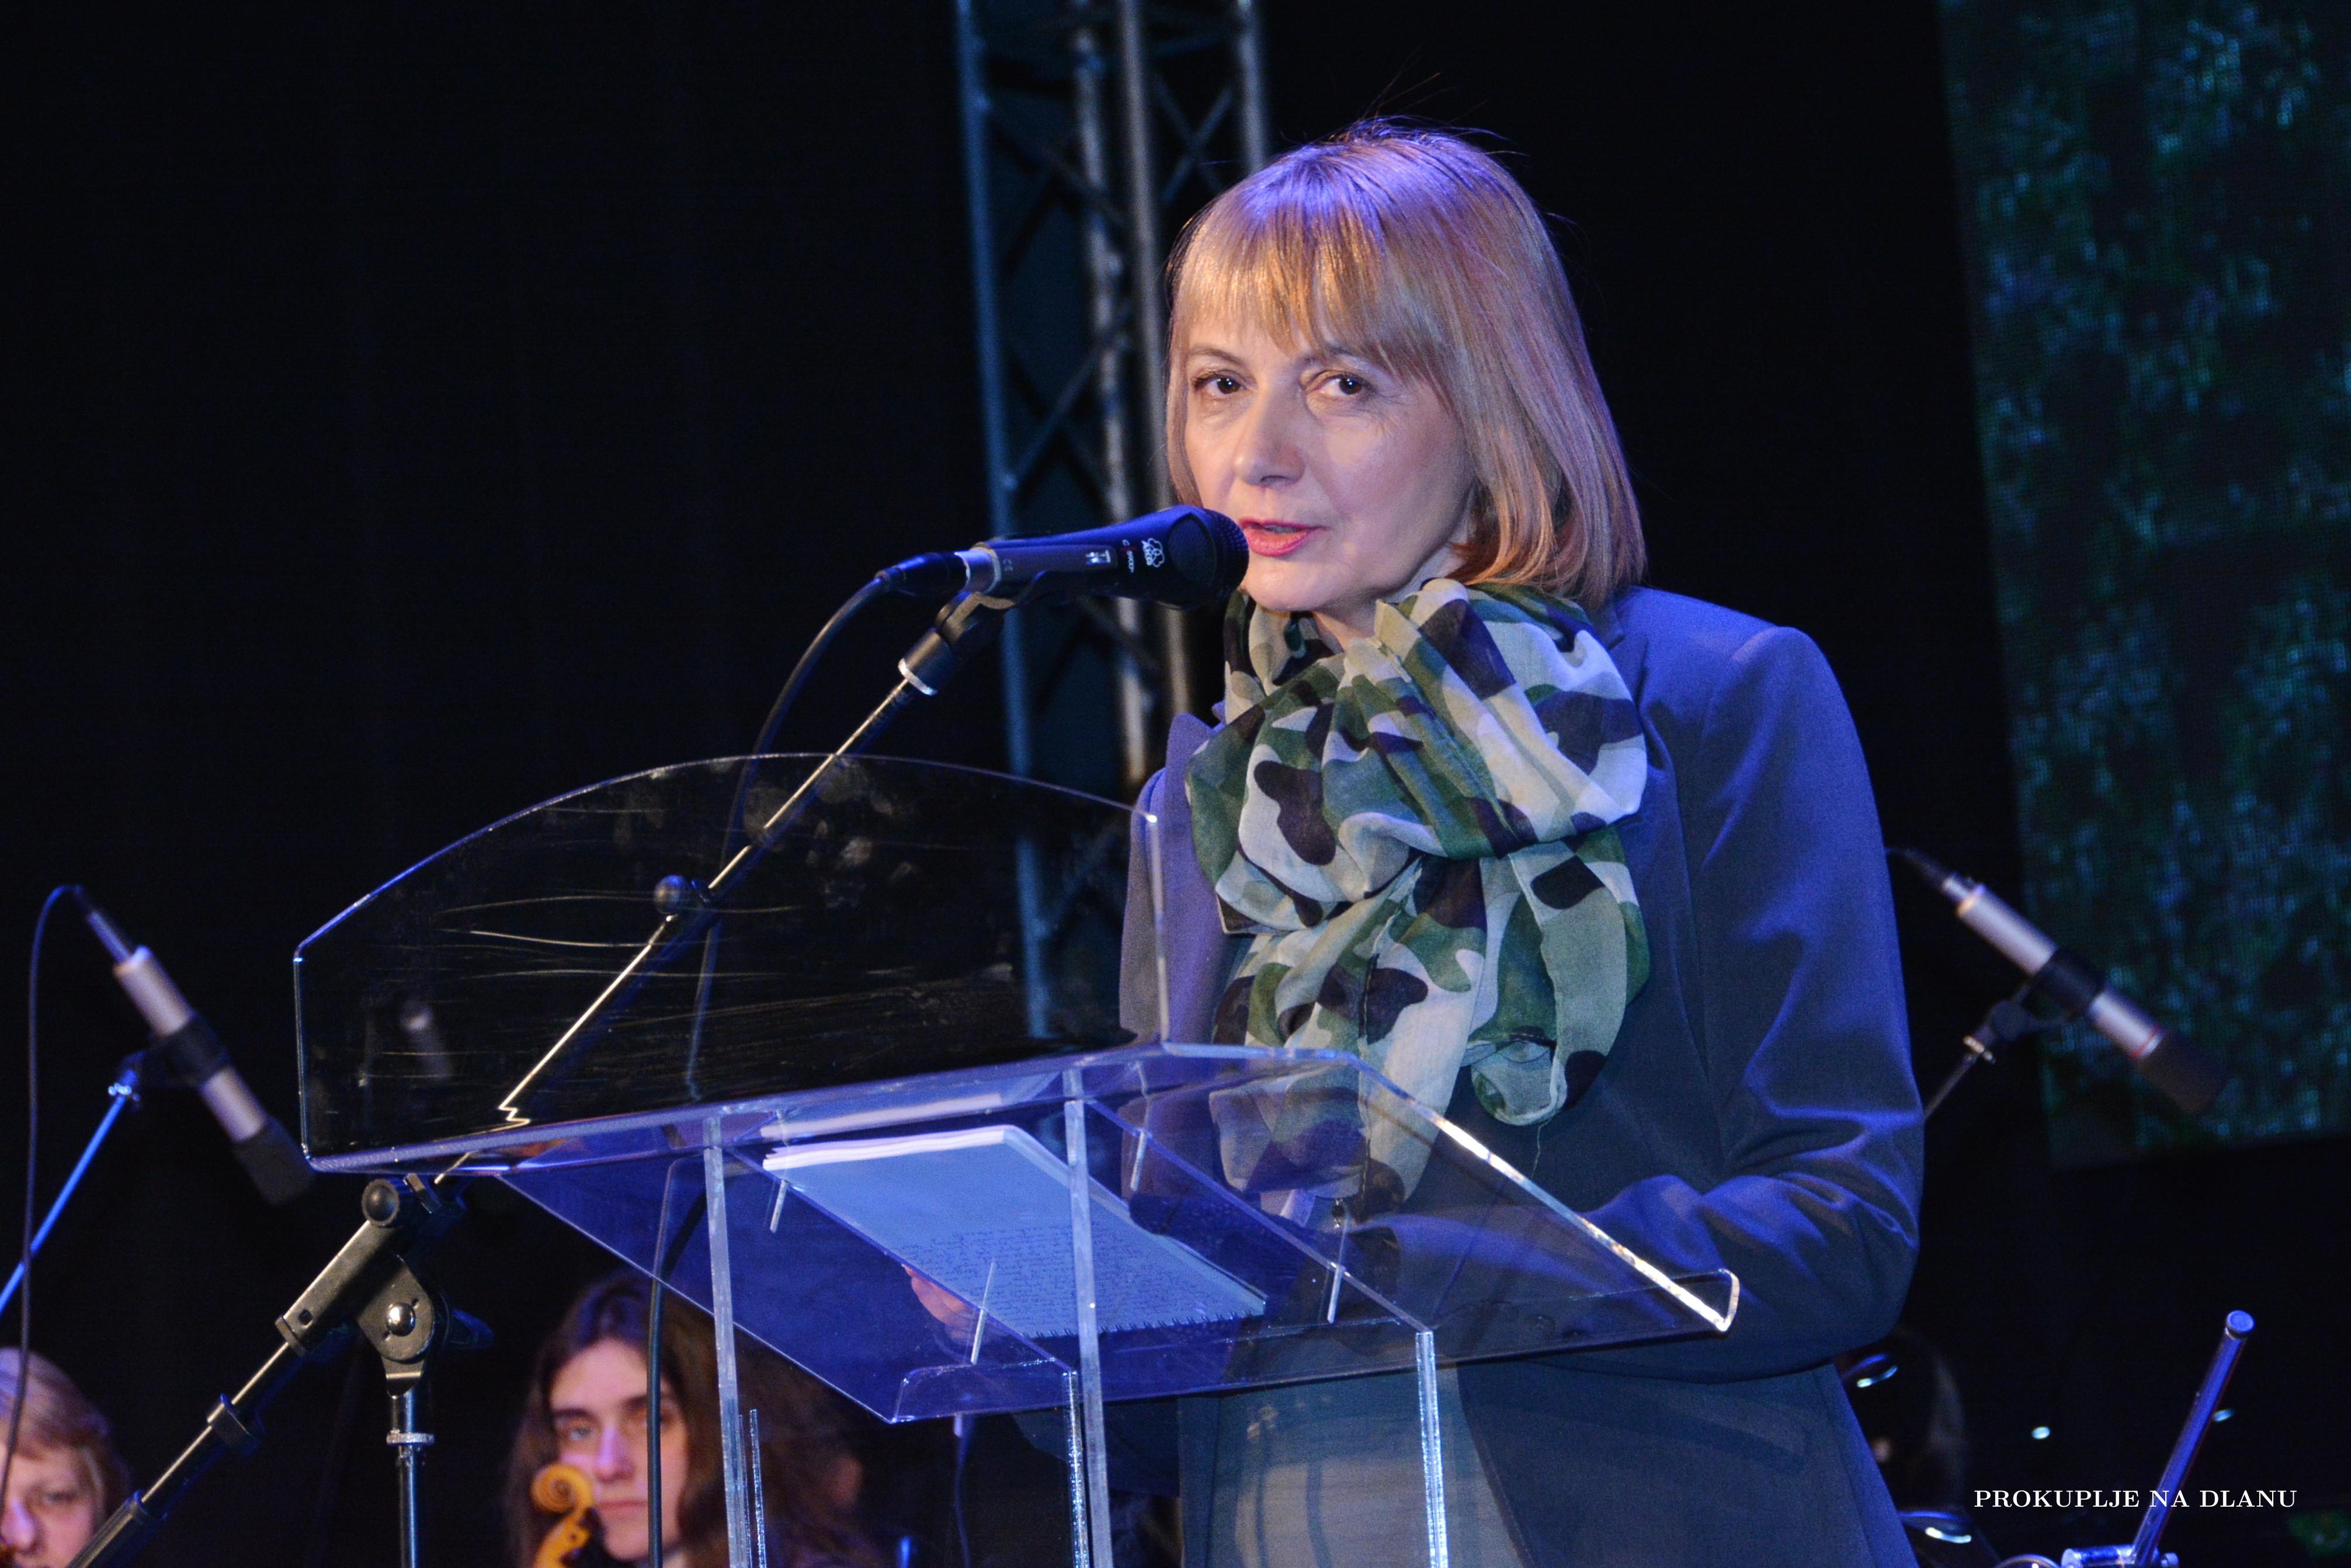 ИН МЕМОРИАМ: ДР БОЖИЦА МЛАДЕНОВИЋ (1963 - 2020)